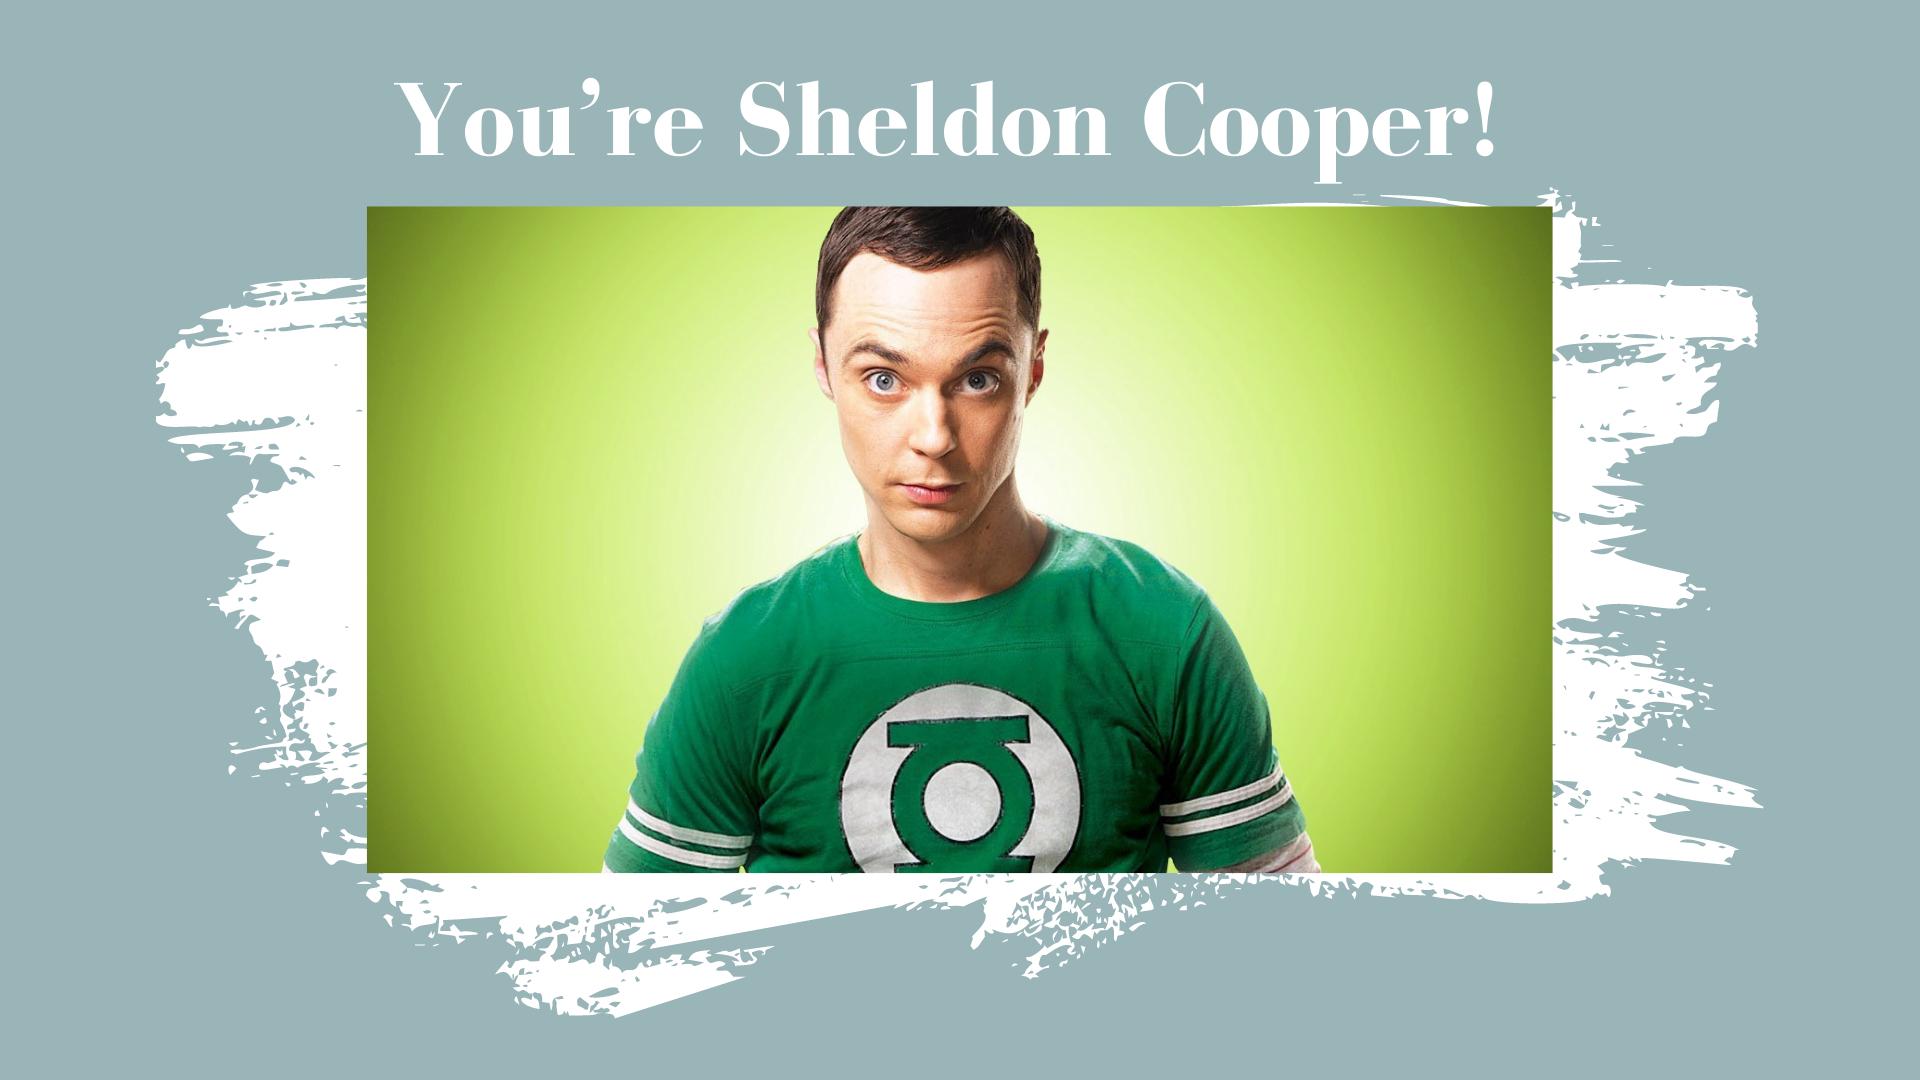 sheldon cooper result